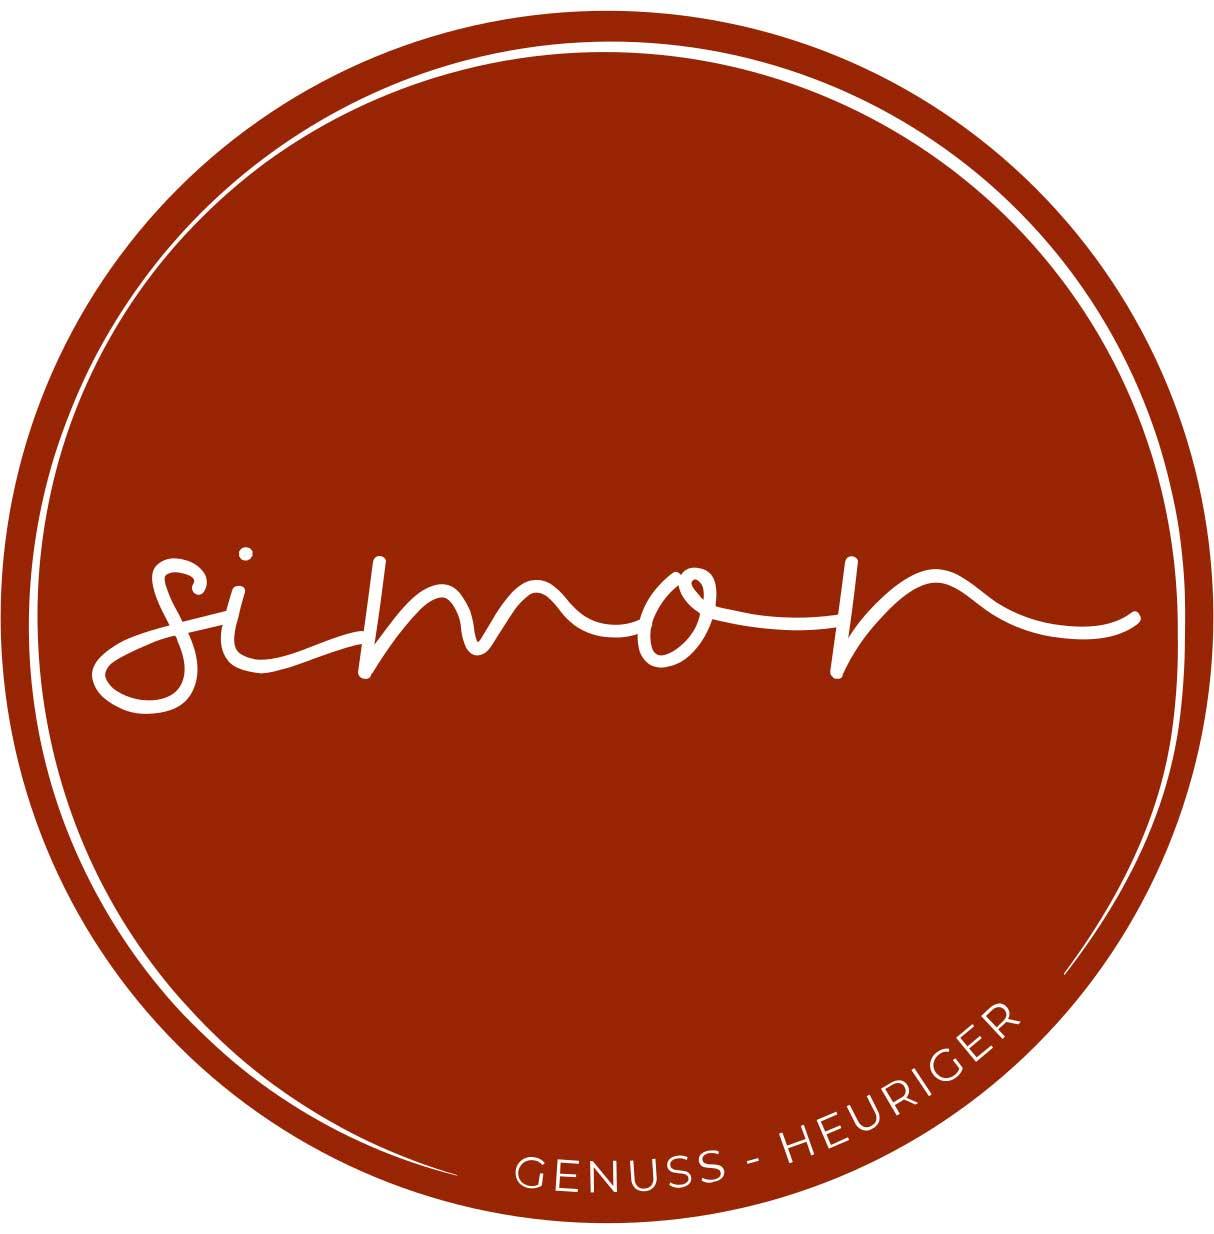 Simon Genuss-Heuriger